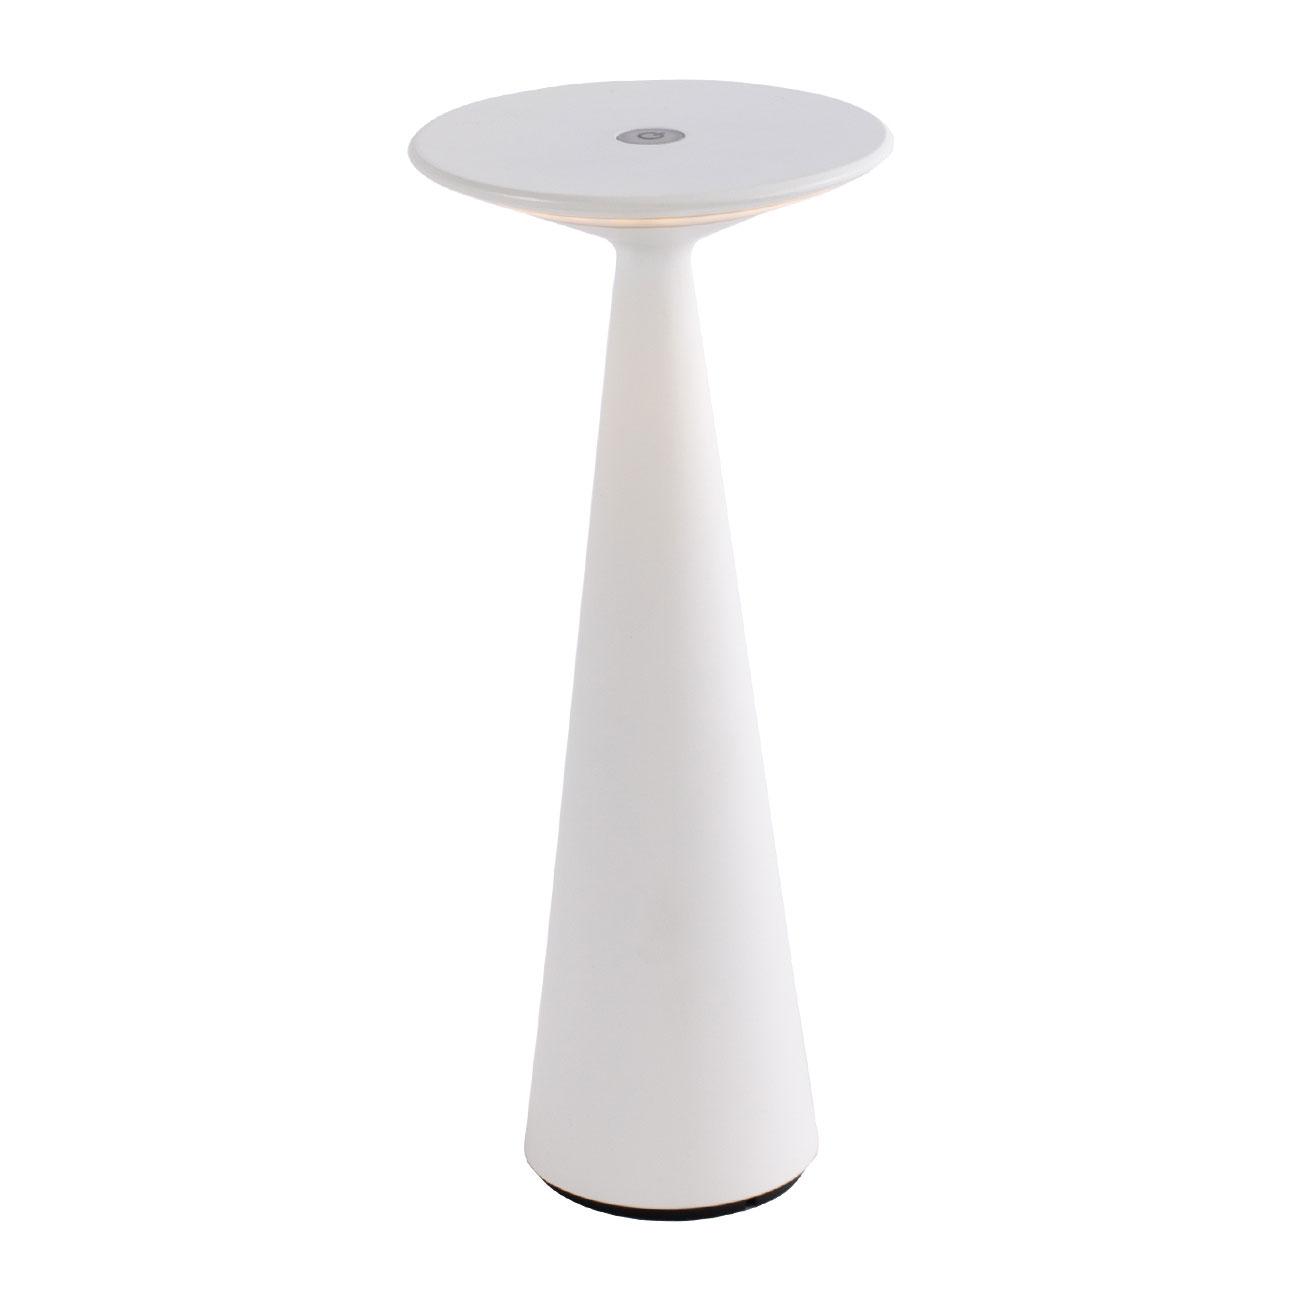 Enoki Wireless Table Lamp By Kuzco Lighting El63512 Wh